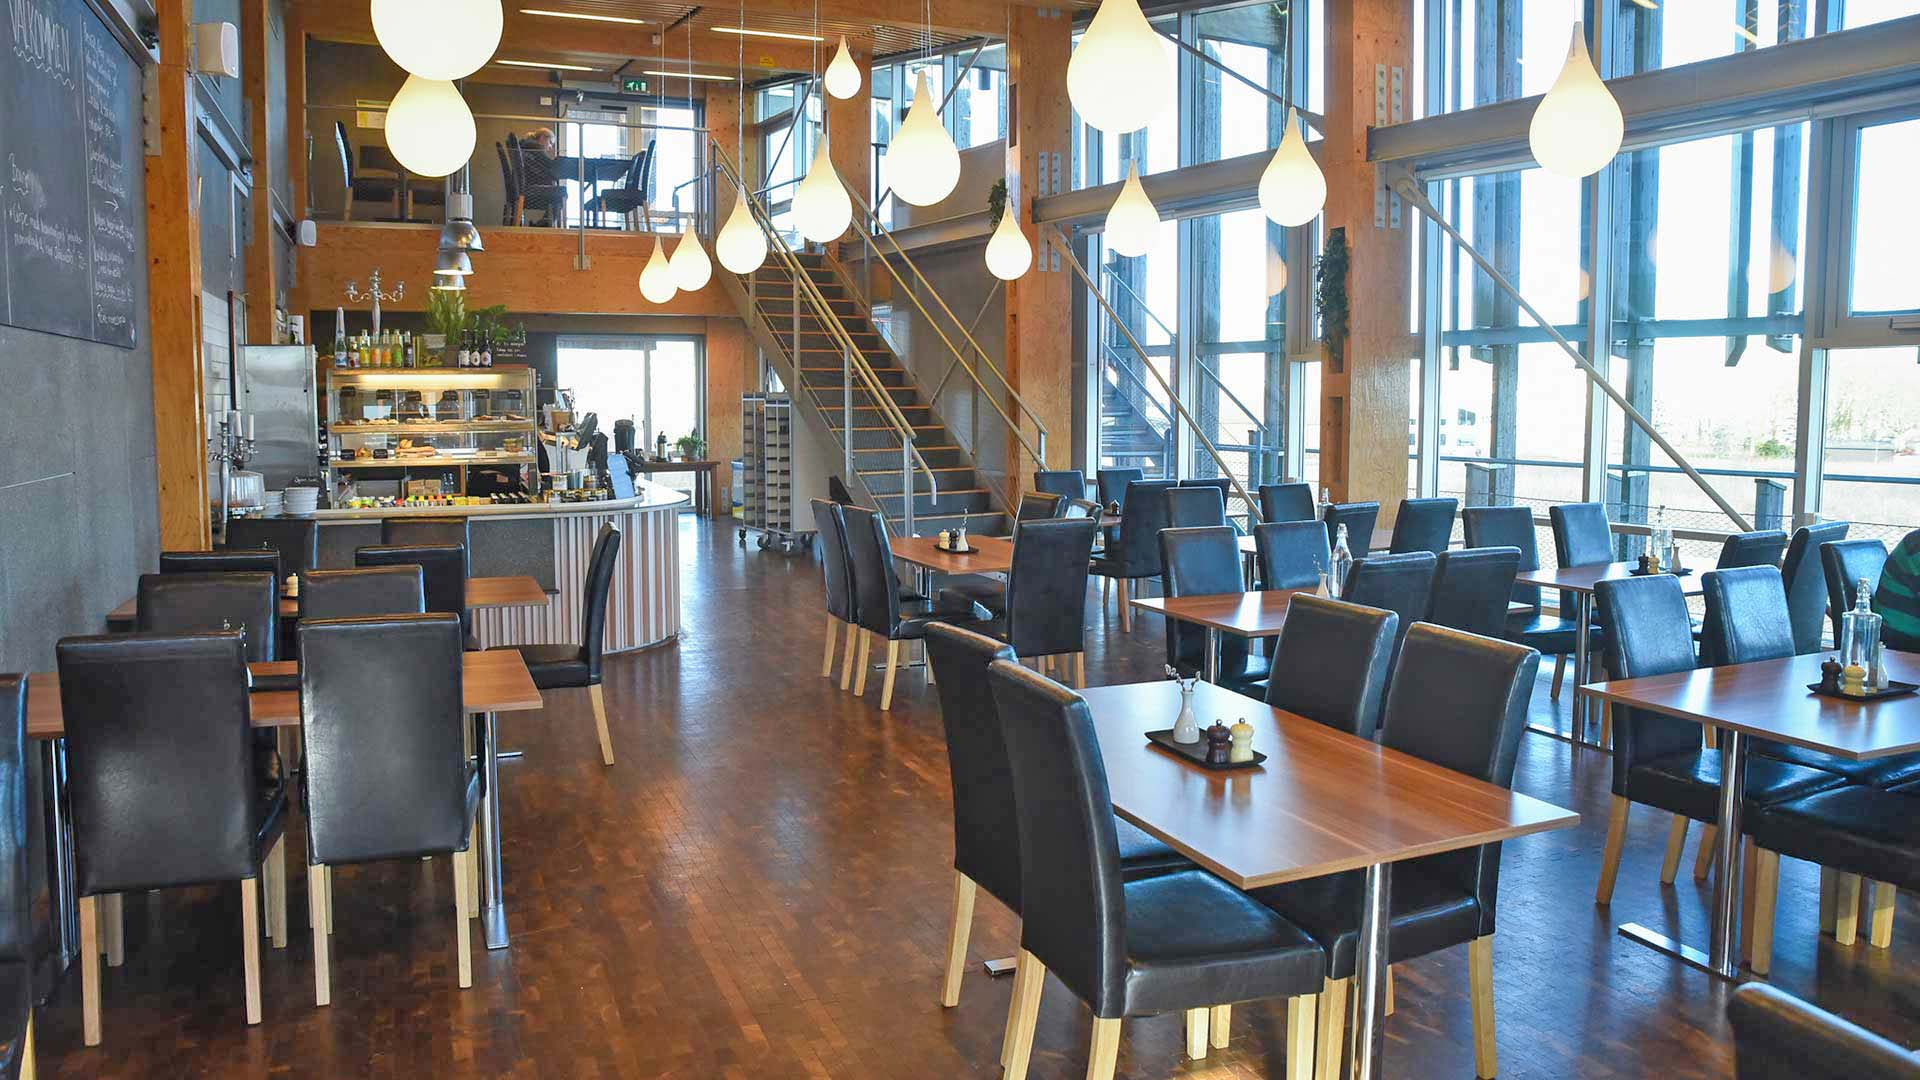 Restaurangen Café Årum På Naturums Andra Våning.